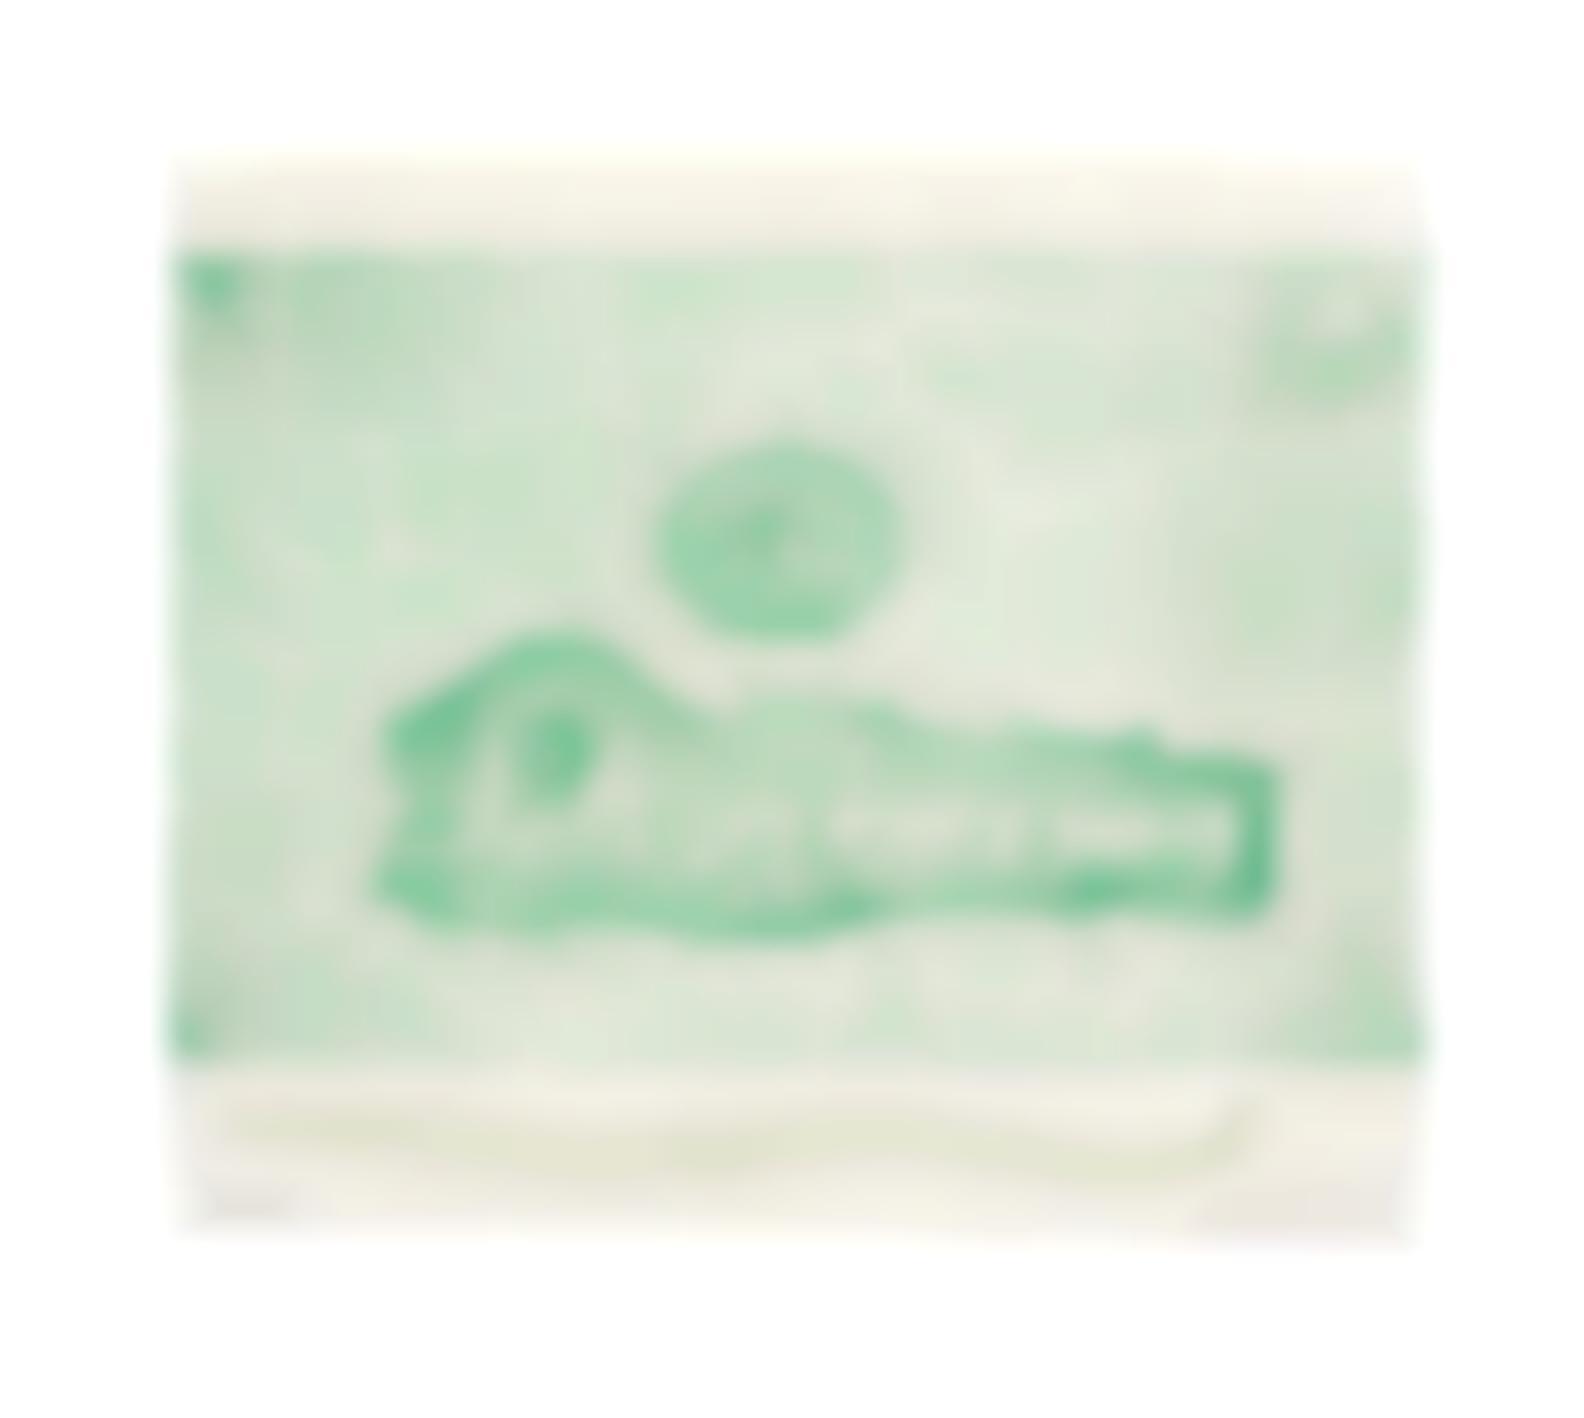 Max Ernst-Surimpression Des Lithos: No Sl 135 XXXV + 135 XXXIII-1970